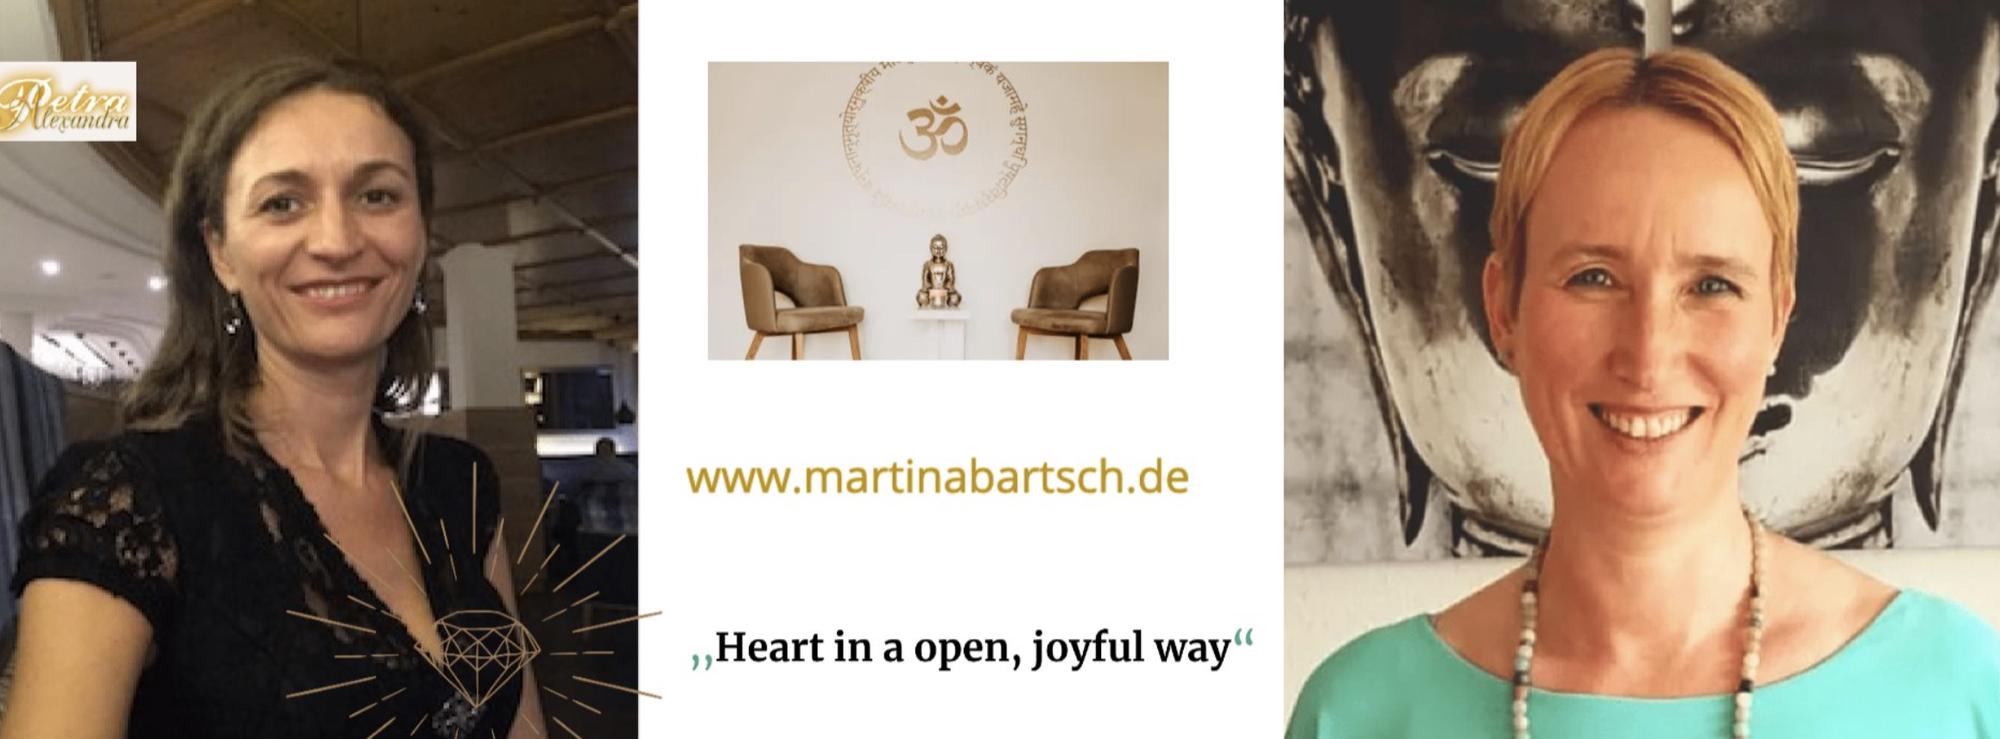 Heart open: Martina Bartsch